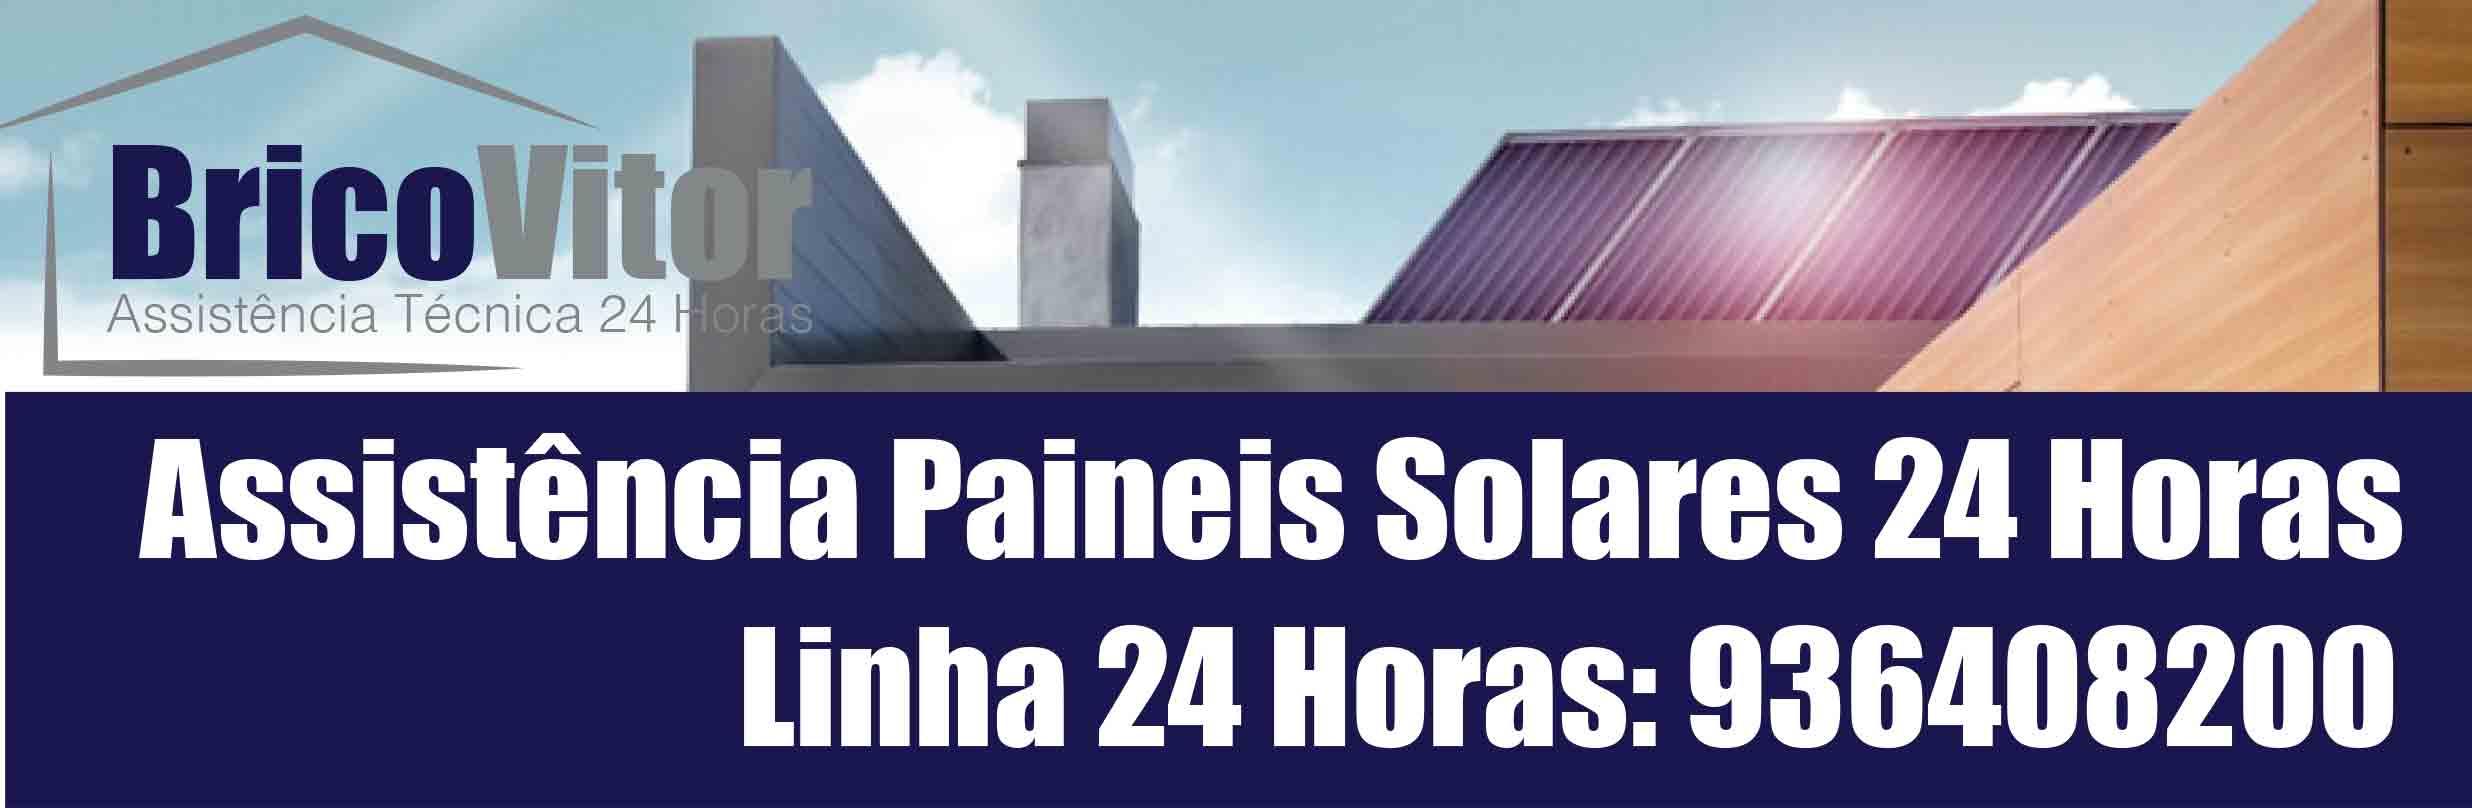 Assistência Painéis Solares Albergaria-a-Velha - Manutenção - Reparação